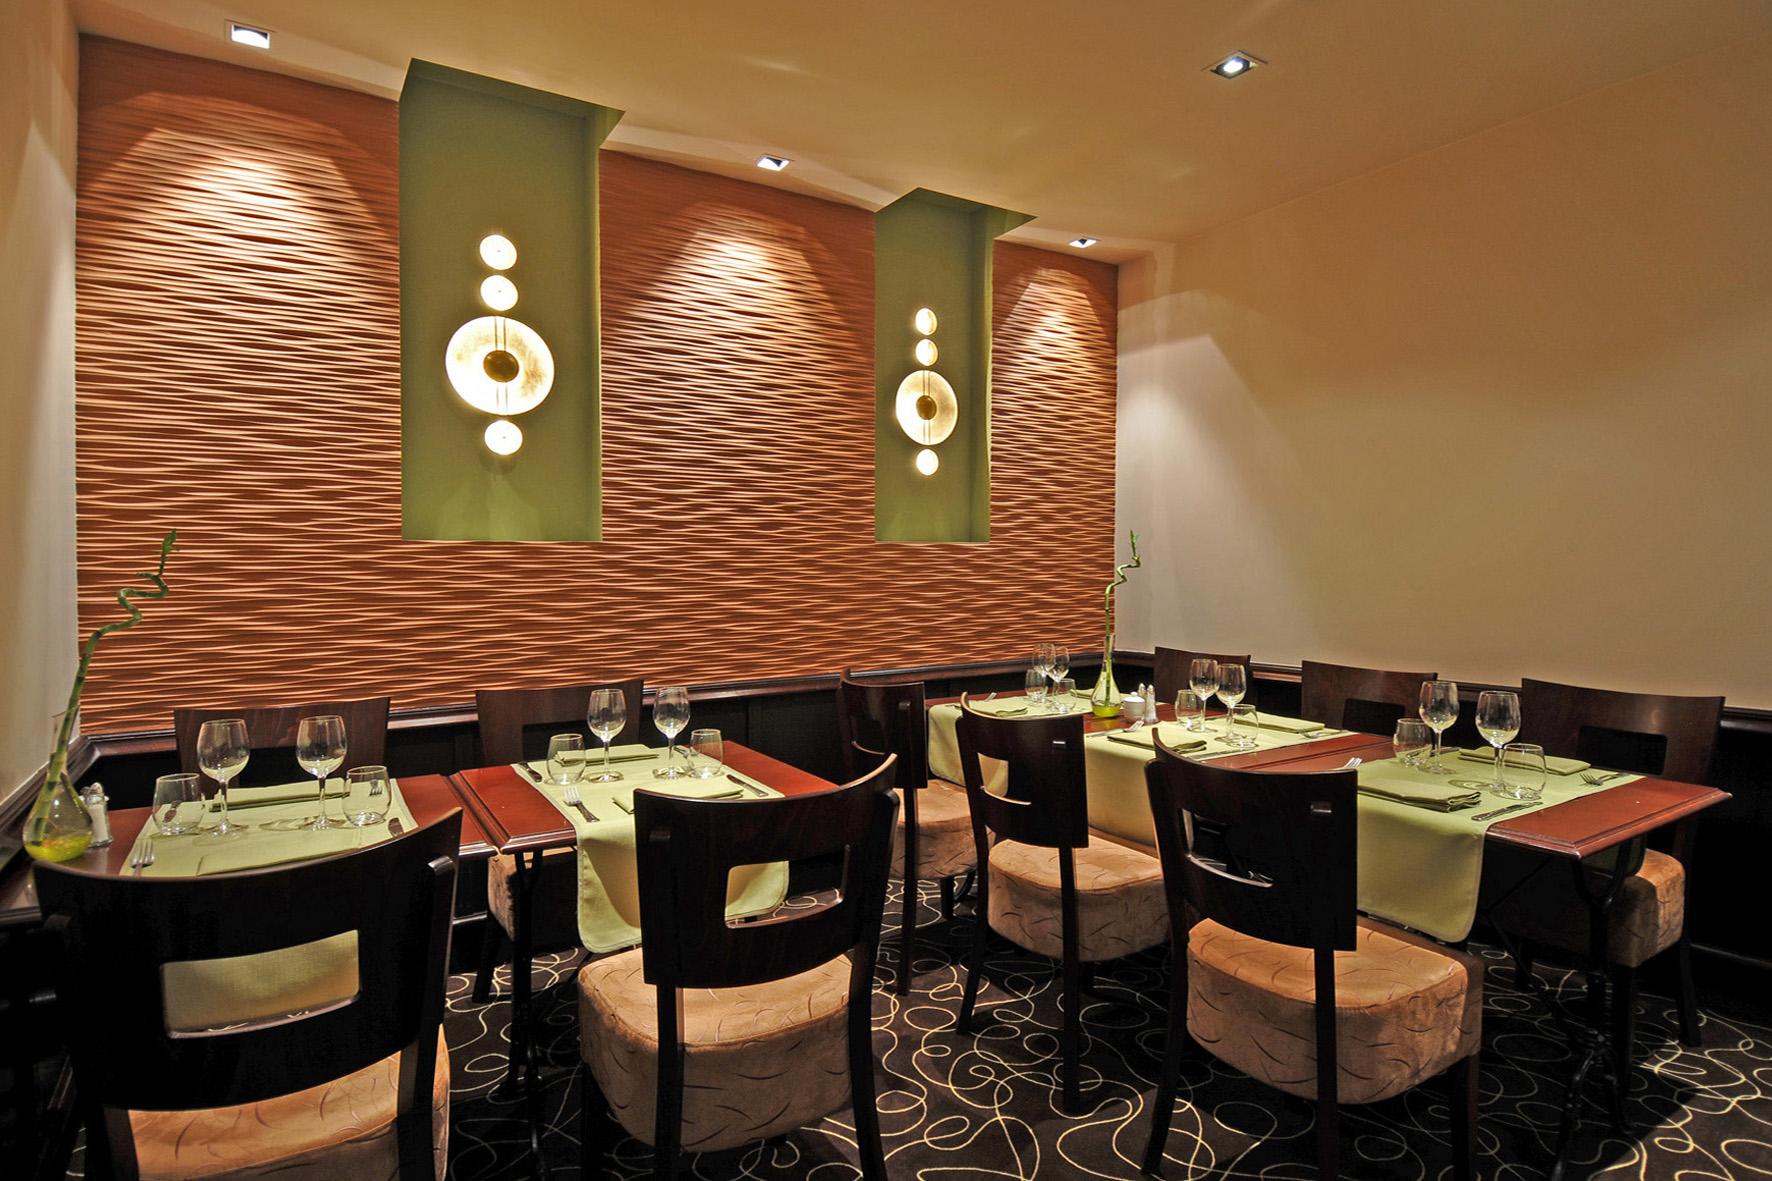 DINAN - Ambiance chaleureuse et contemporaine dans un restaurant - SURFACE : 115 m2 - Maître d'ouvrage : Professionnel